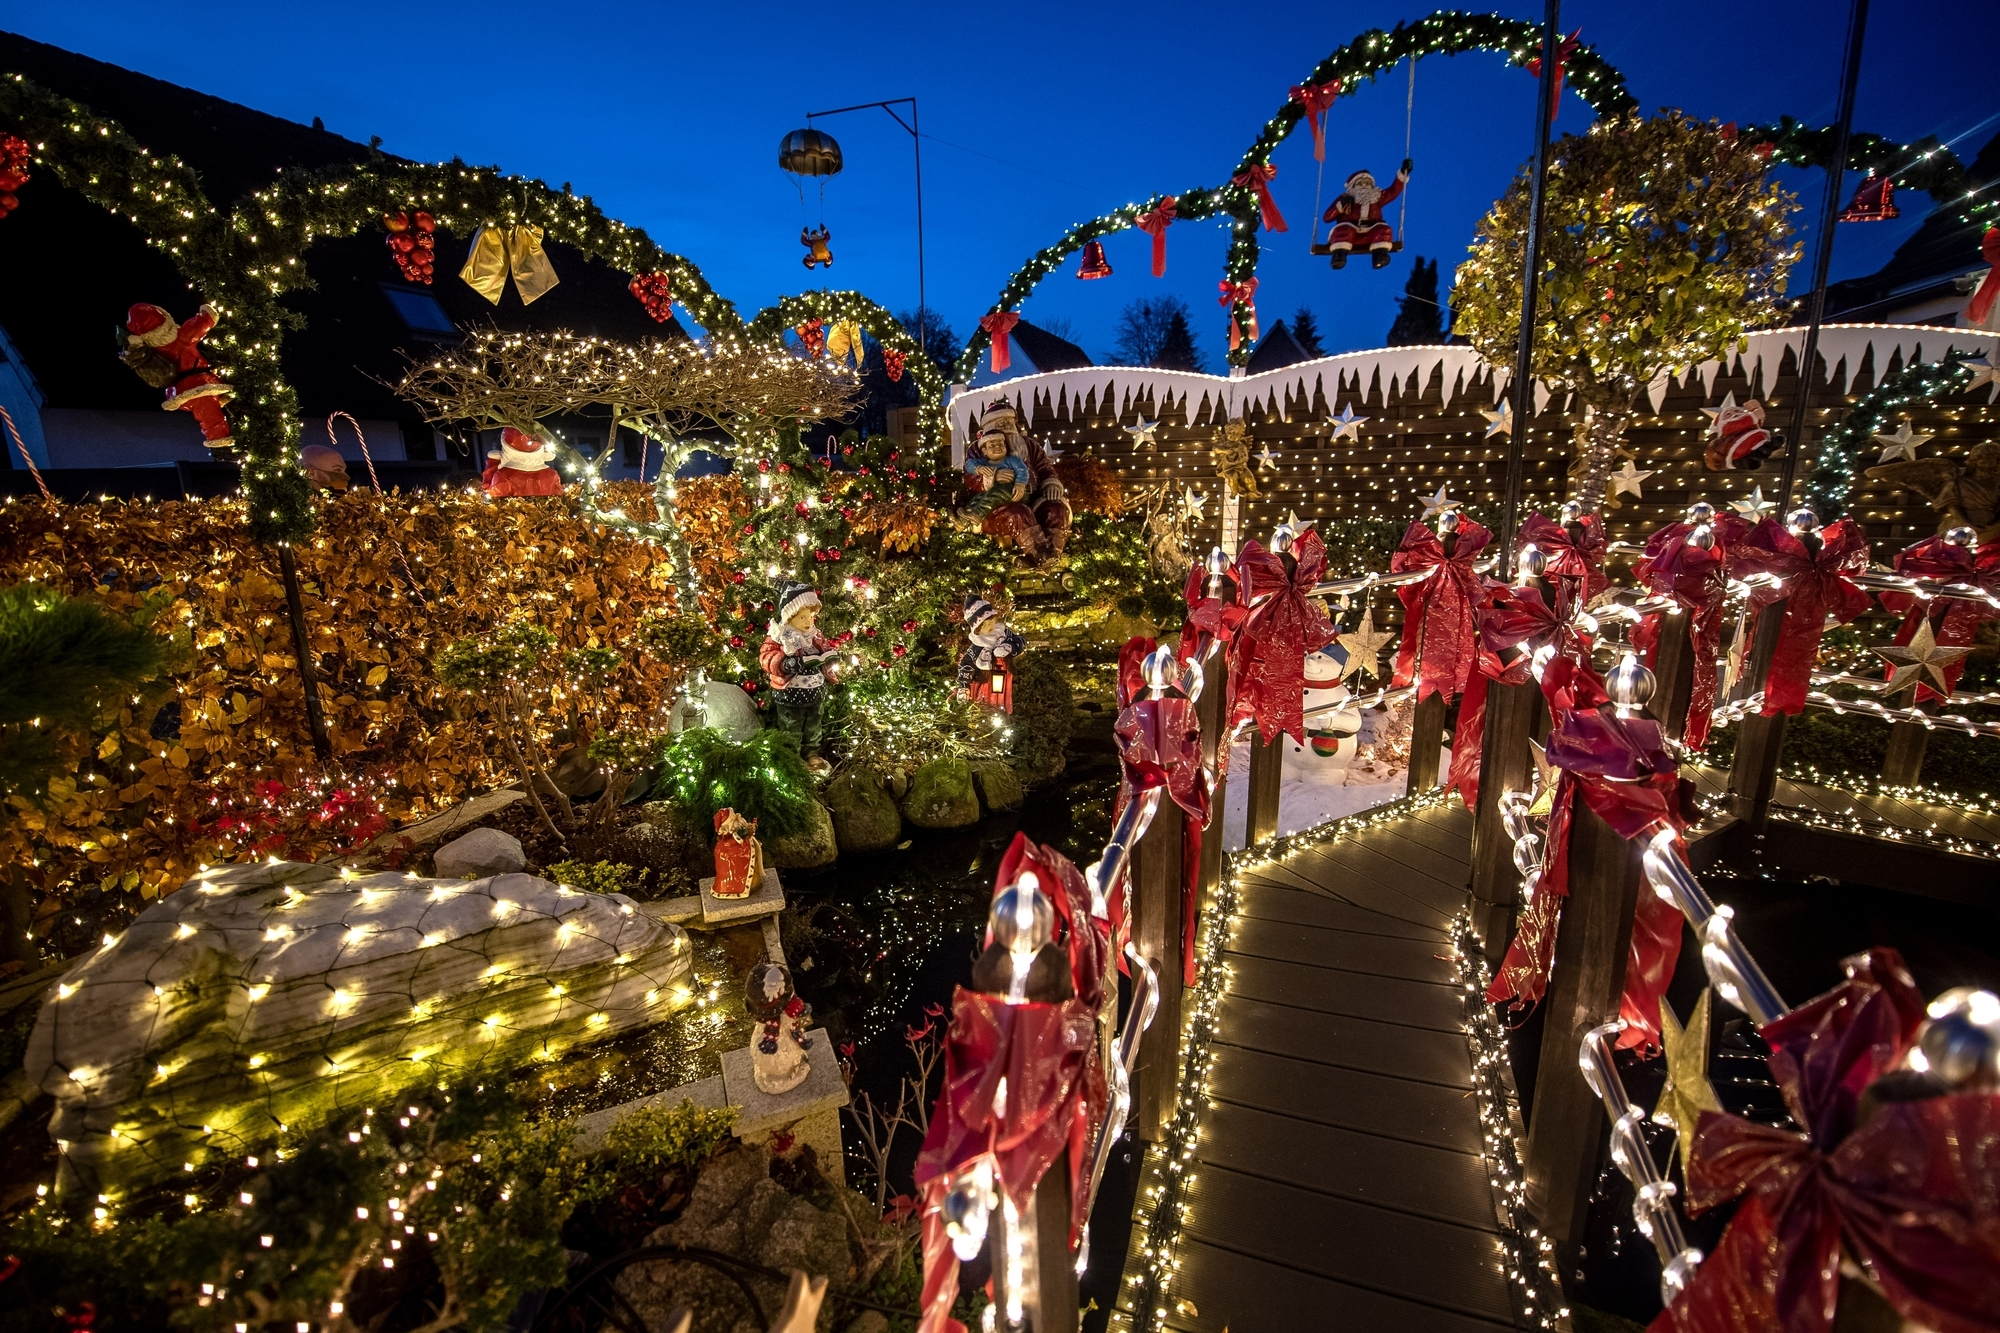 Blinkender weihnachtsstern